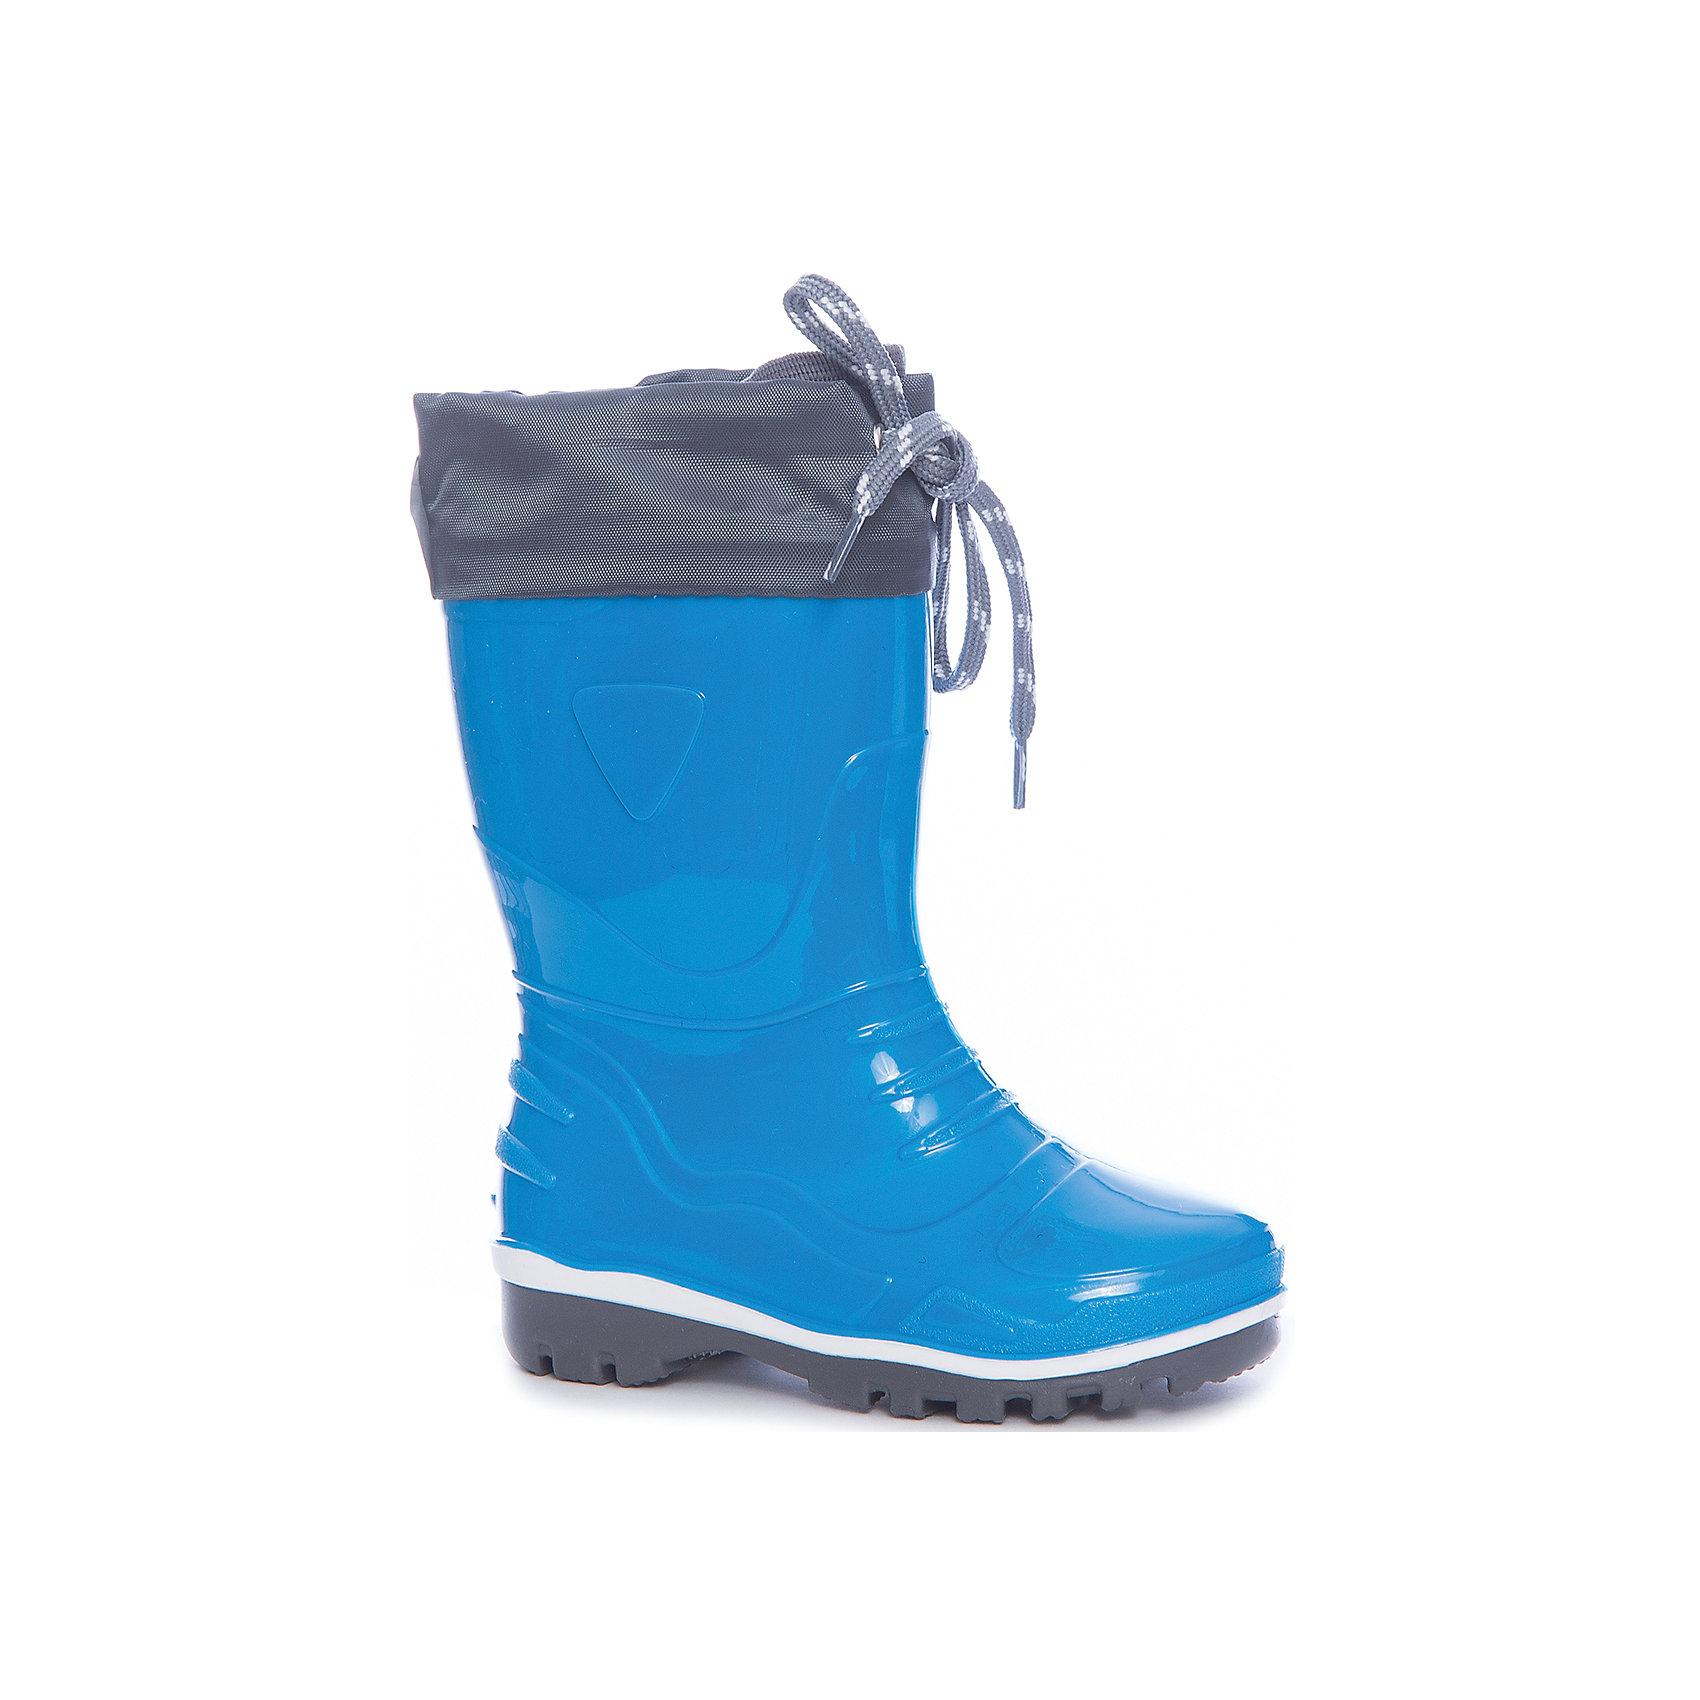 Резиновые сапоги для мальчика NordmanРезиновые сапоги<br>Характеристики товара:<br><br>• цвет: синий<br>• материал верха: ПВХ<br>• подклад: текстиль<br>• стелька: текстиль<br>• подошва: ПВХ<br>• сезон: лето, демисезон<br>• температурный режим: от +5 до +25<br>• сапожок не съемный<br>• непромокаемые<br>• подошва не скользит<br>• анатомические <br>• страна бренда: Россия<br>• страна изготовитель: Россия<br><br>Резиновые сапоги для мальчика Nordman позволяют сохранить ноги в тепле и одновременно не дают им промокнуть. Такая обувь отлично подходит и для теплого лета и для слякоти в межсезонье. <br><br>Высокое голенище предотвращает попадание влаги или грязи в сапог. Толстая устойчивая подошва позволяет ребенку увереннее держать равновесие.<br><br>Резиновые сапоги для мальчика Nordman (Нордман) можно купить в нашем интернет-магазине.<br><br>Ширина мм: 237<br>Глубина мм: 180<br>Высота мм: 152<br>Вес г: 438<br>Цвет: синий<br>Возраст от месяцев: 24<br>Возраст до месяцев: 36<br>Пол: Мужской<br>Возраст: Детский<br>Размер: 26,22,23,24,25<br>SKU: 6867503